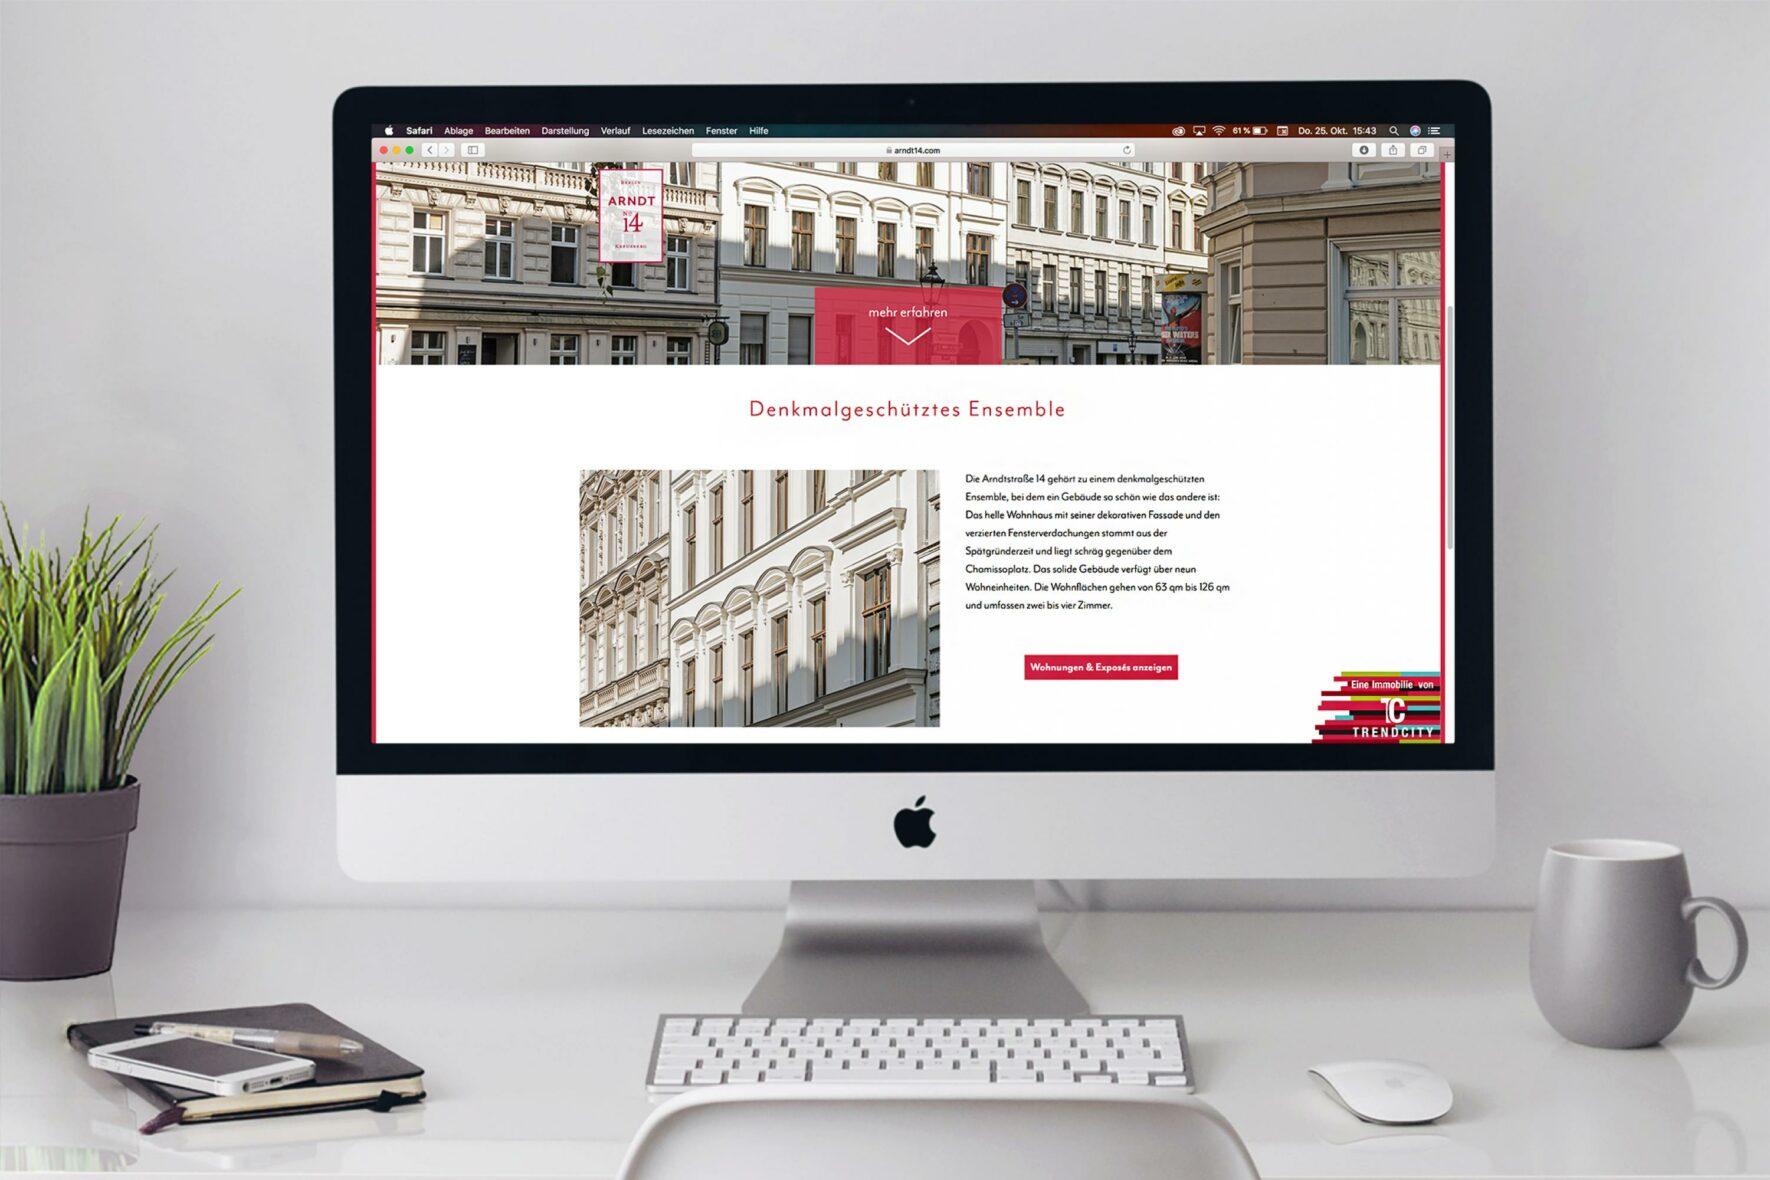 Webiste-Objekte-Branding-Trendcity-Immobilien-Corporate-design-arndt-2 Kopie